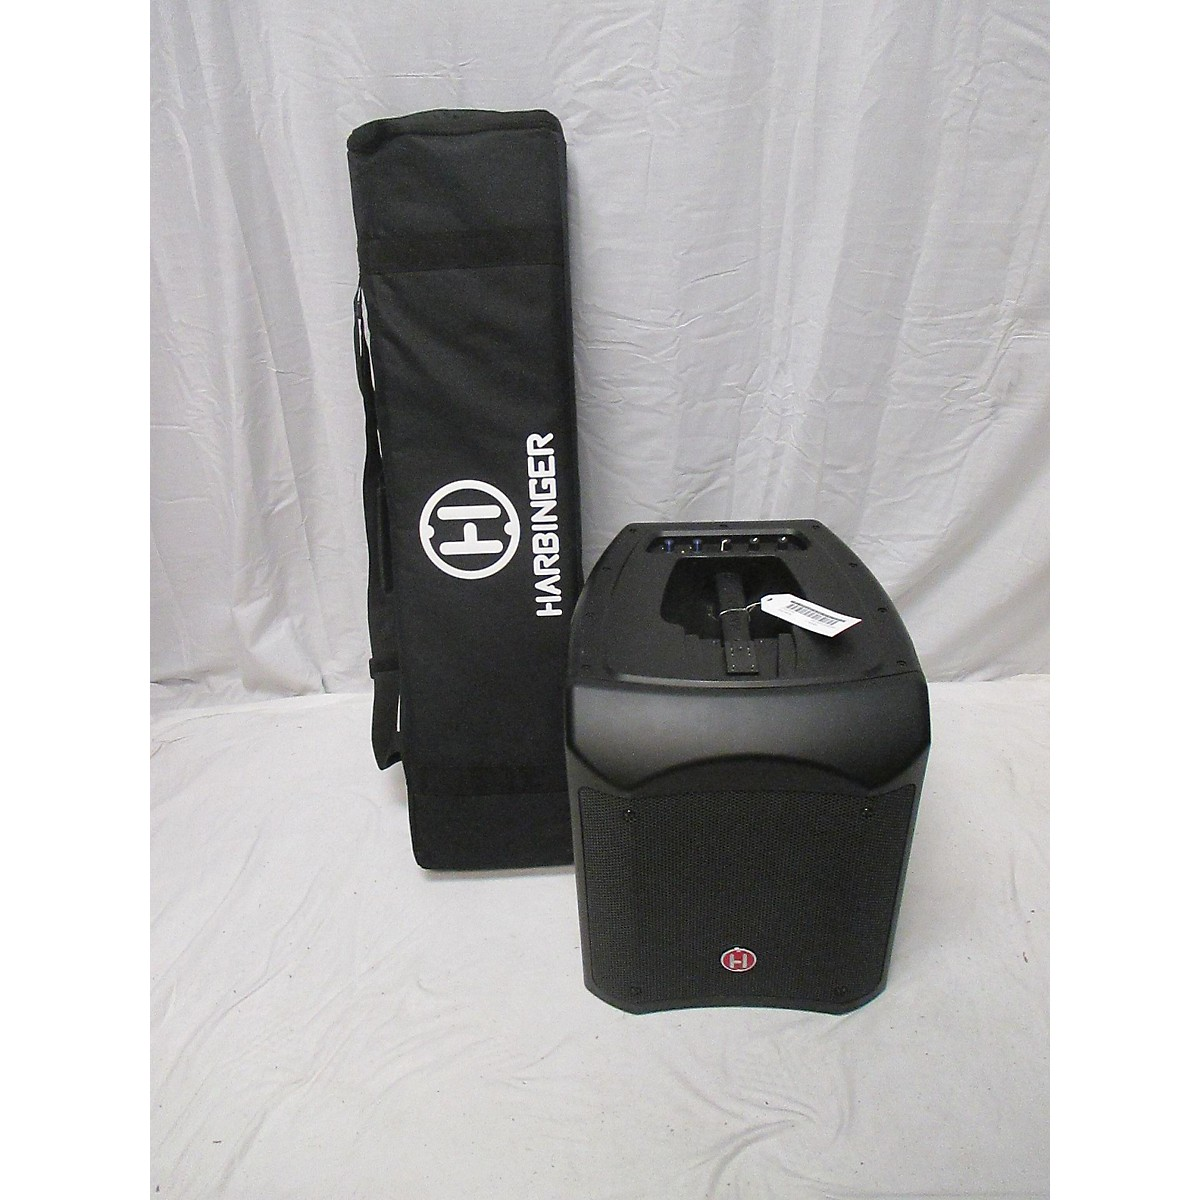 Harbinger MLS900 Sound Package